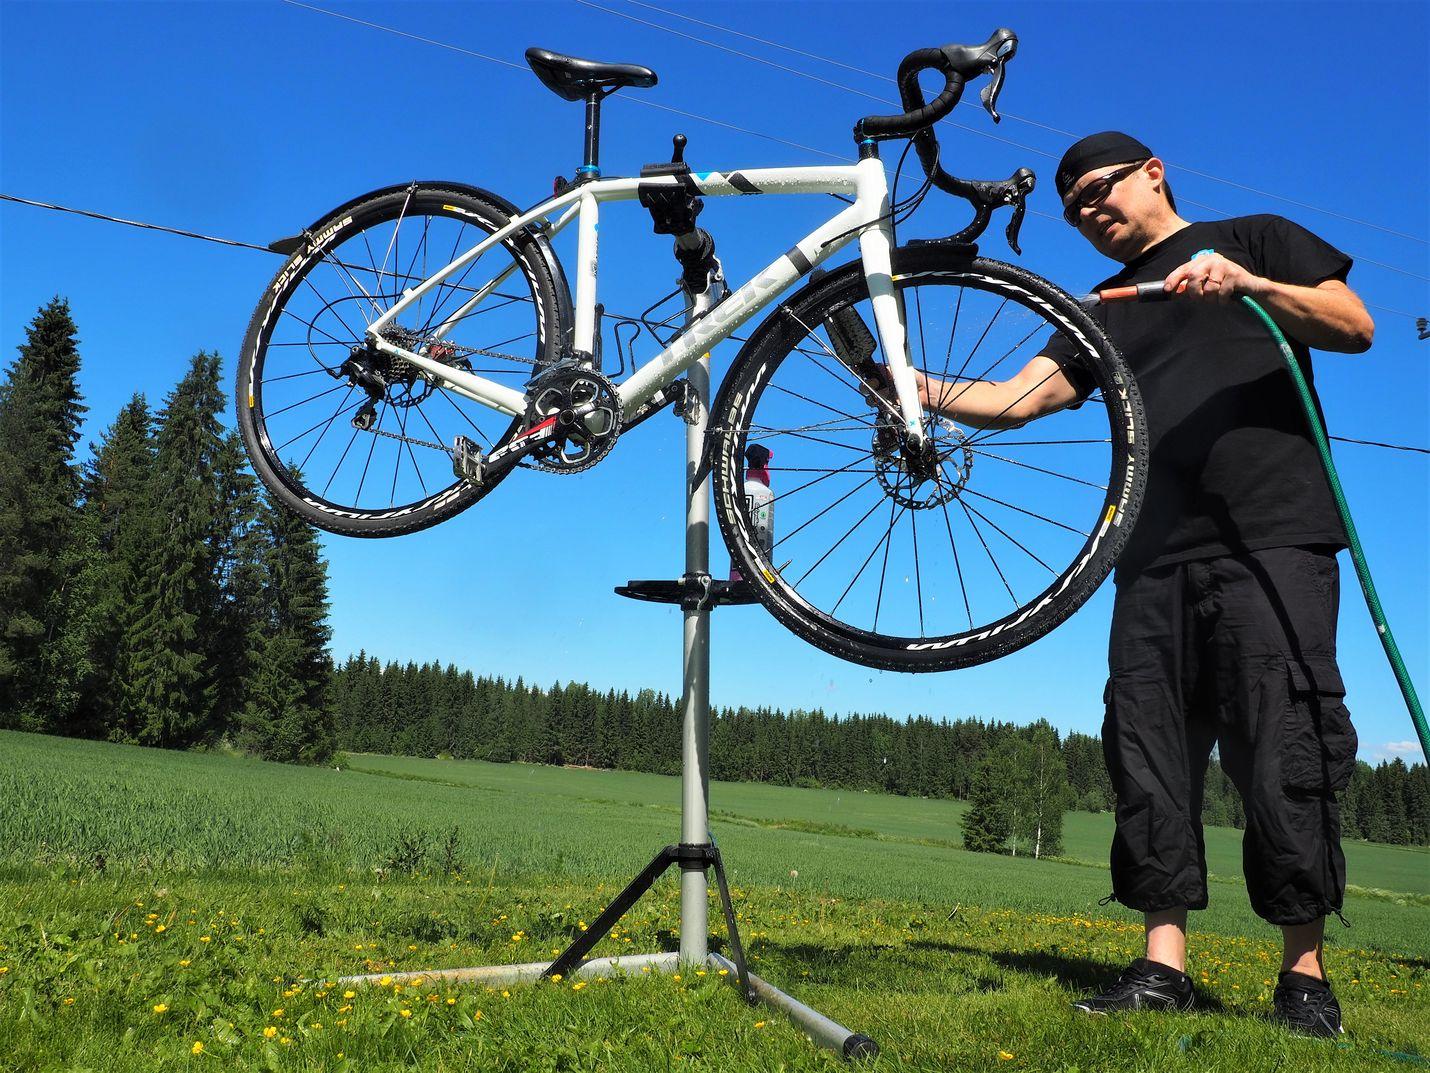 1. Aloita pesusta. Puhdasta pyörää on mukava käyttää, ja mahdolliset viatkin huomaa siitä helpommin. Painepesuri on hommaan liian raju, puutarhaletkun vedenpaine riittää hyvin. Pesuvälineiksi käyvät haalea tai lämmin vesi, sieni, pehmeä harja ja pyöränpesuaine tai autosampoo. Kuivaa säämiskällä tai rätillä. Pyörän voi halutessa kiillottaa autovahalla.